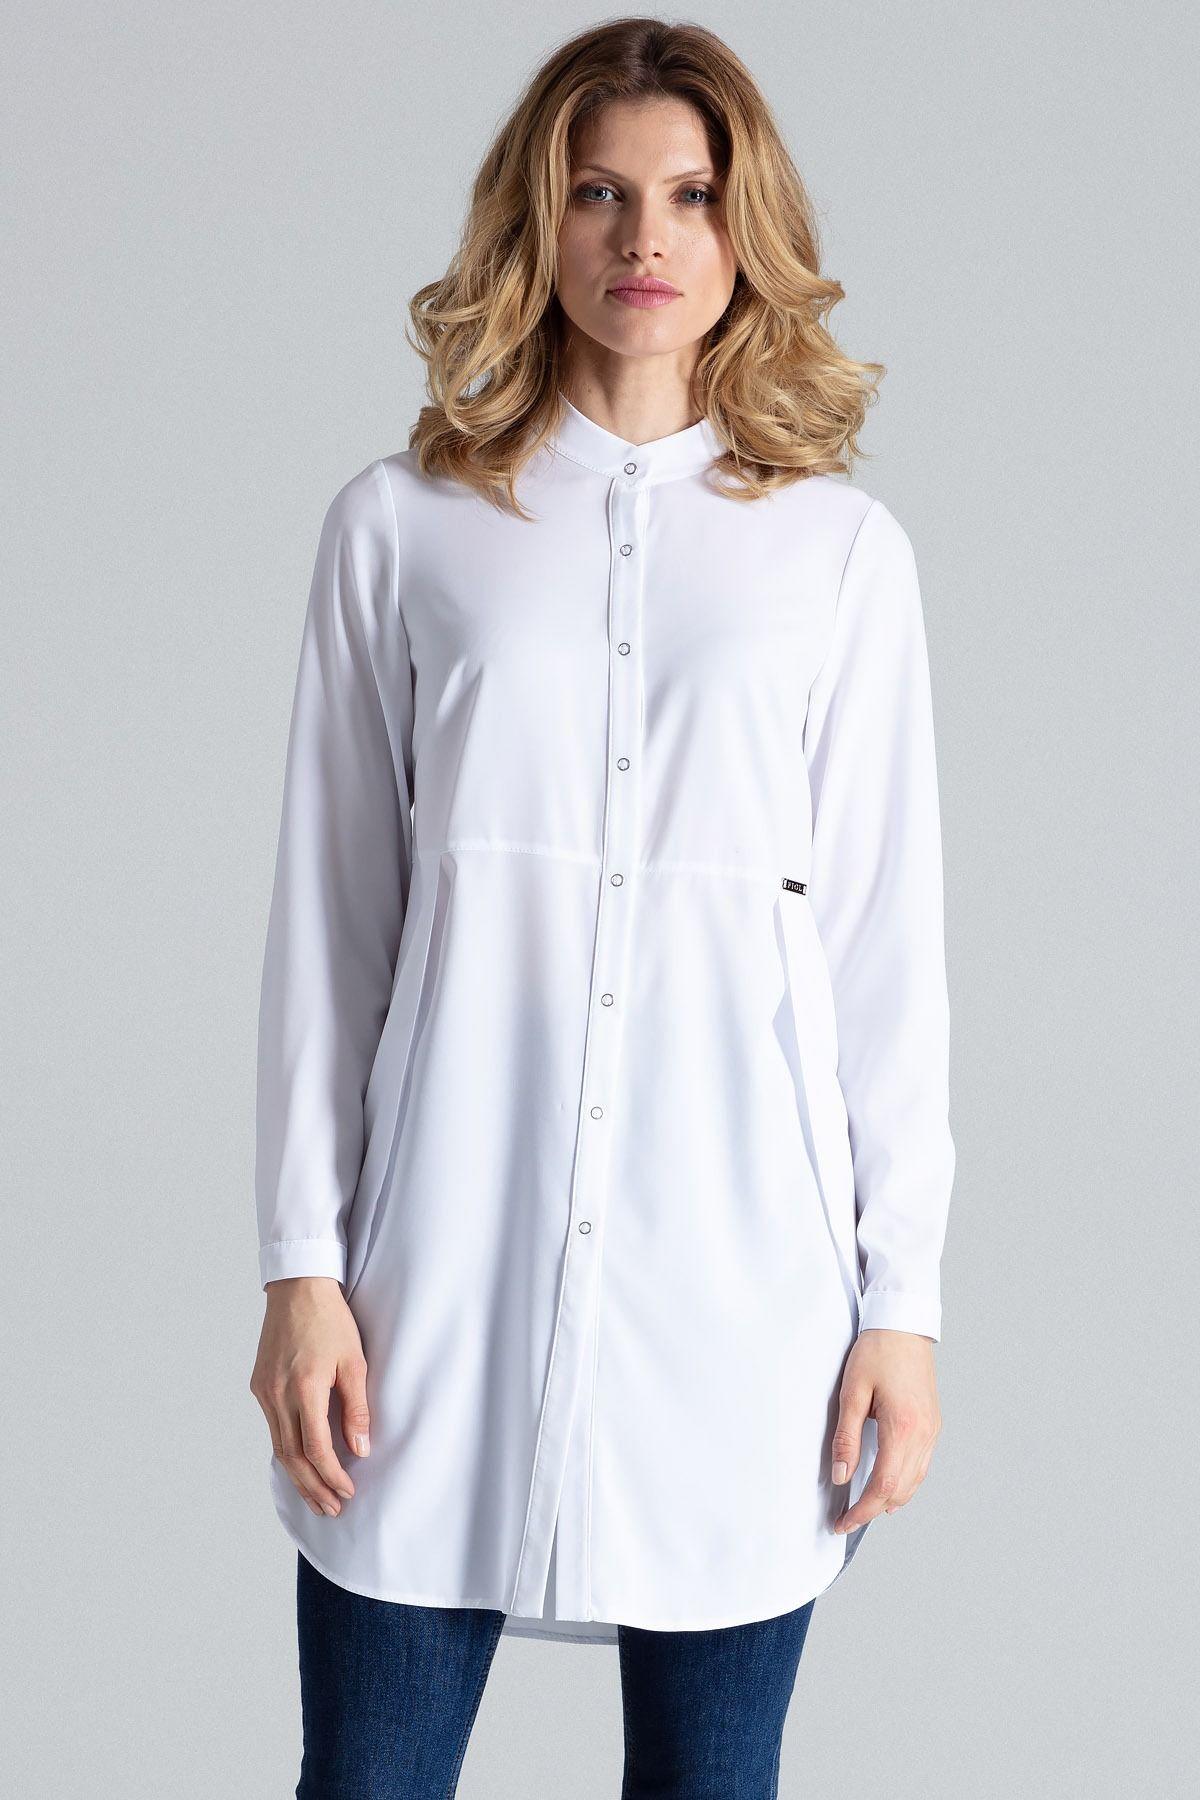 Biała koszula -tunika zapinana na zatrzaski